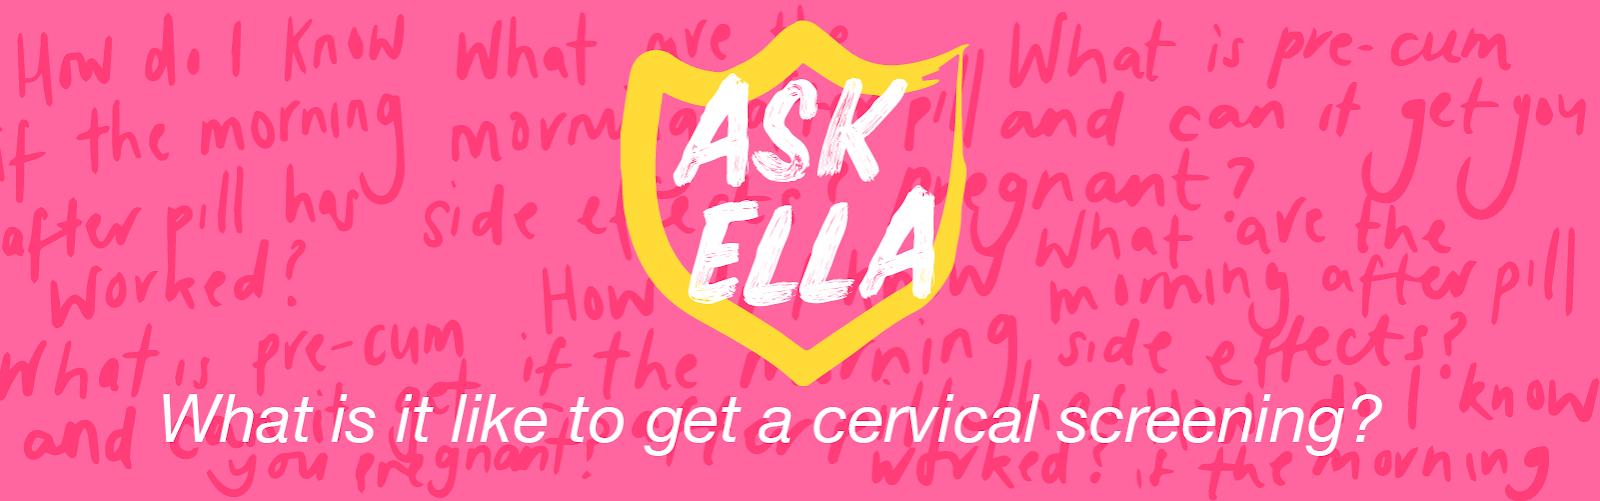 AskElla_Blog_cervicalscreening header.png